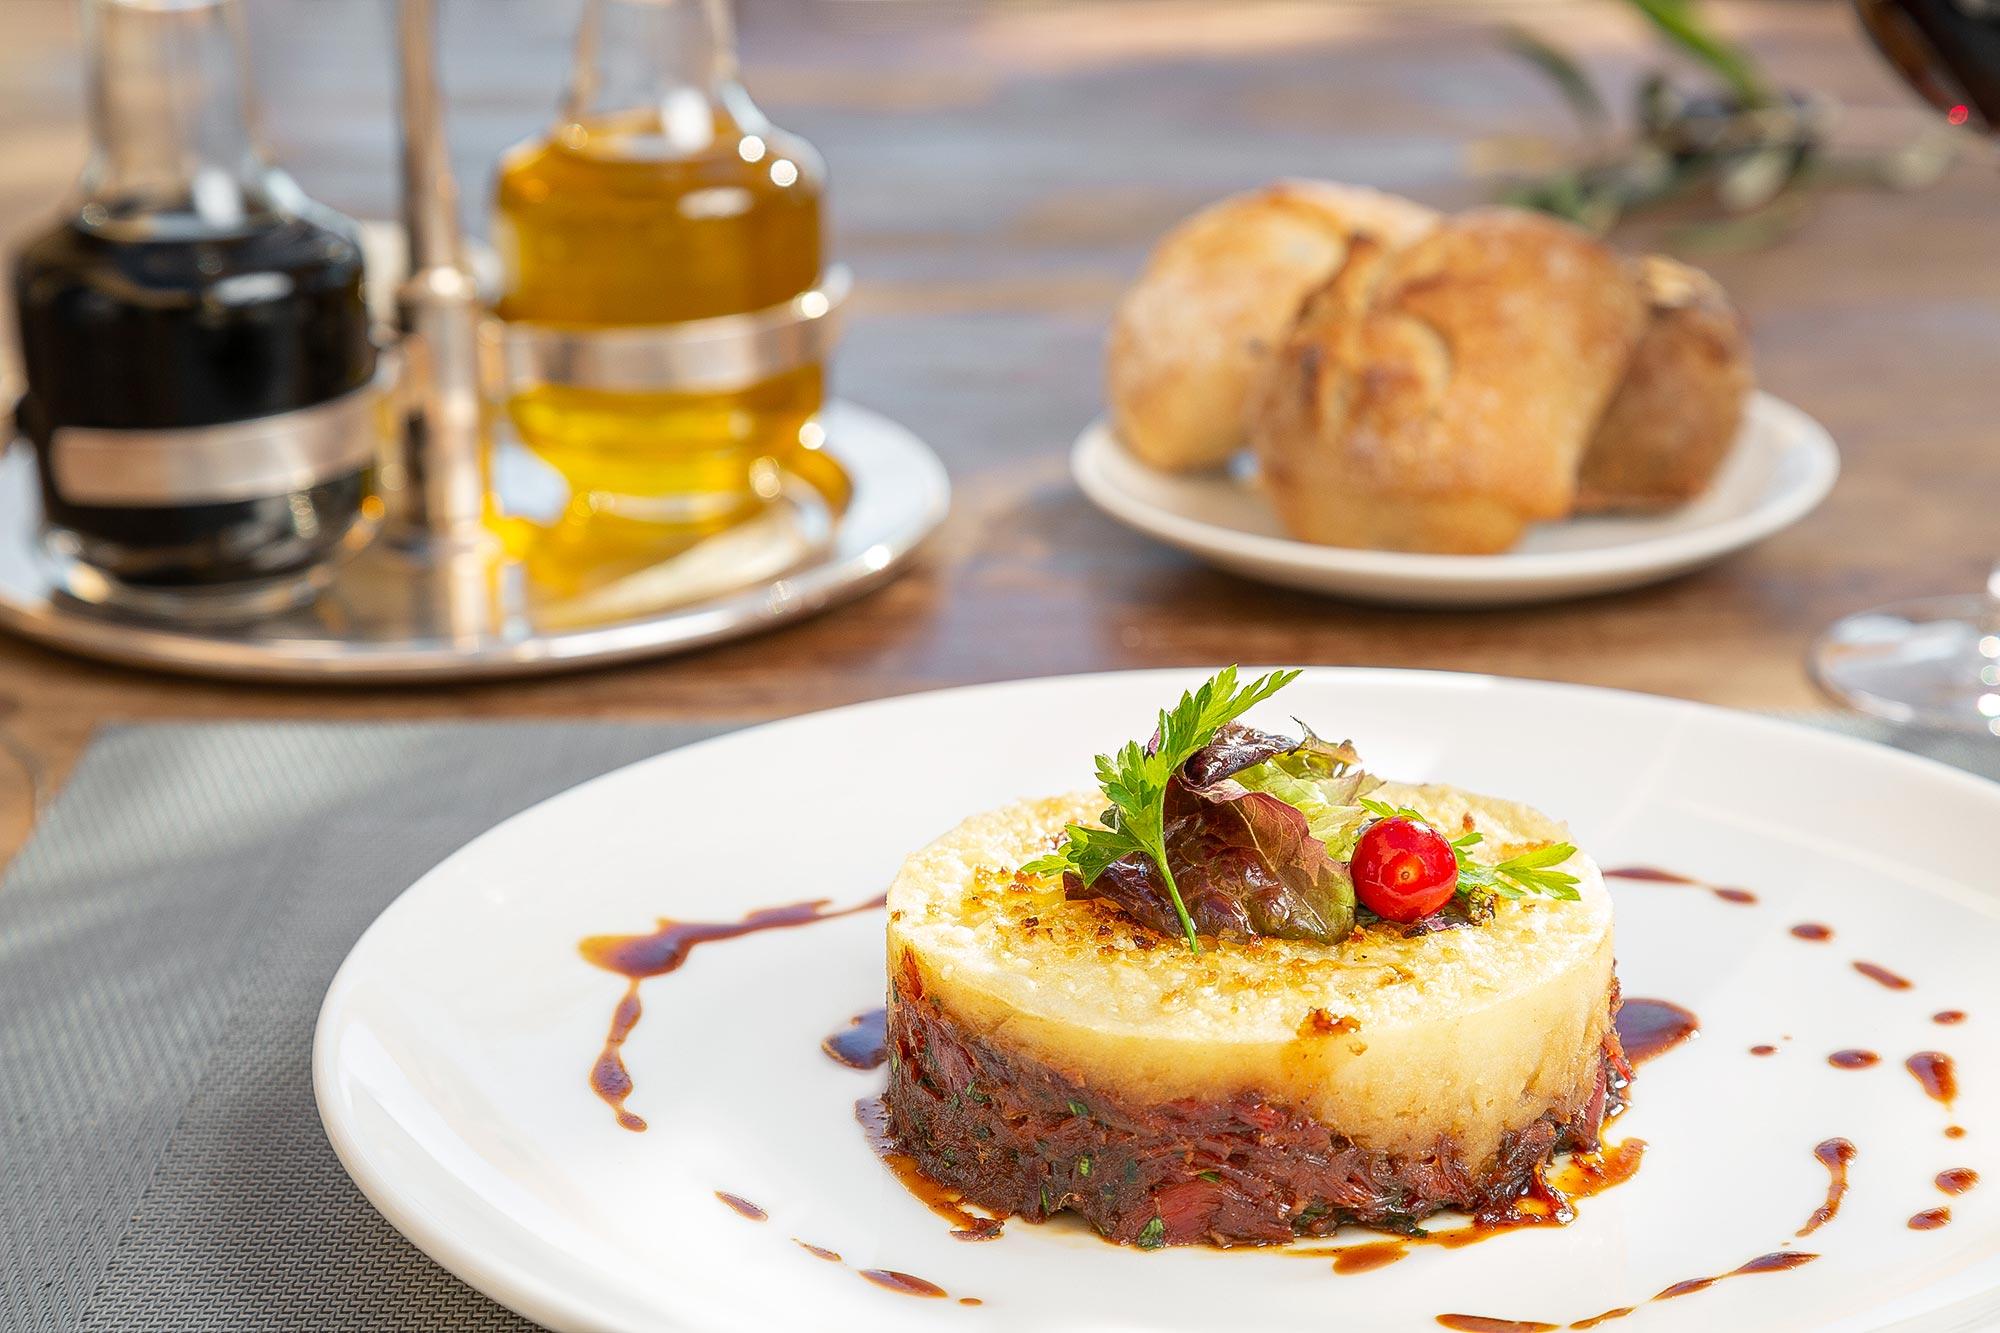 Foodfotografie von Schweizer Hotel und Restaurant fotograf Adrian Kilchherr; Deutschland, Oesterreich, Italien, Weltweit